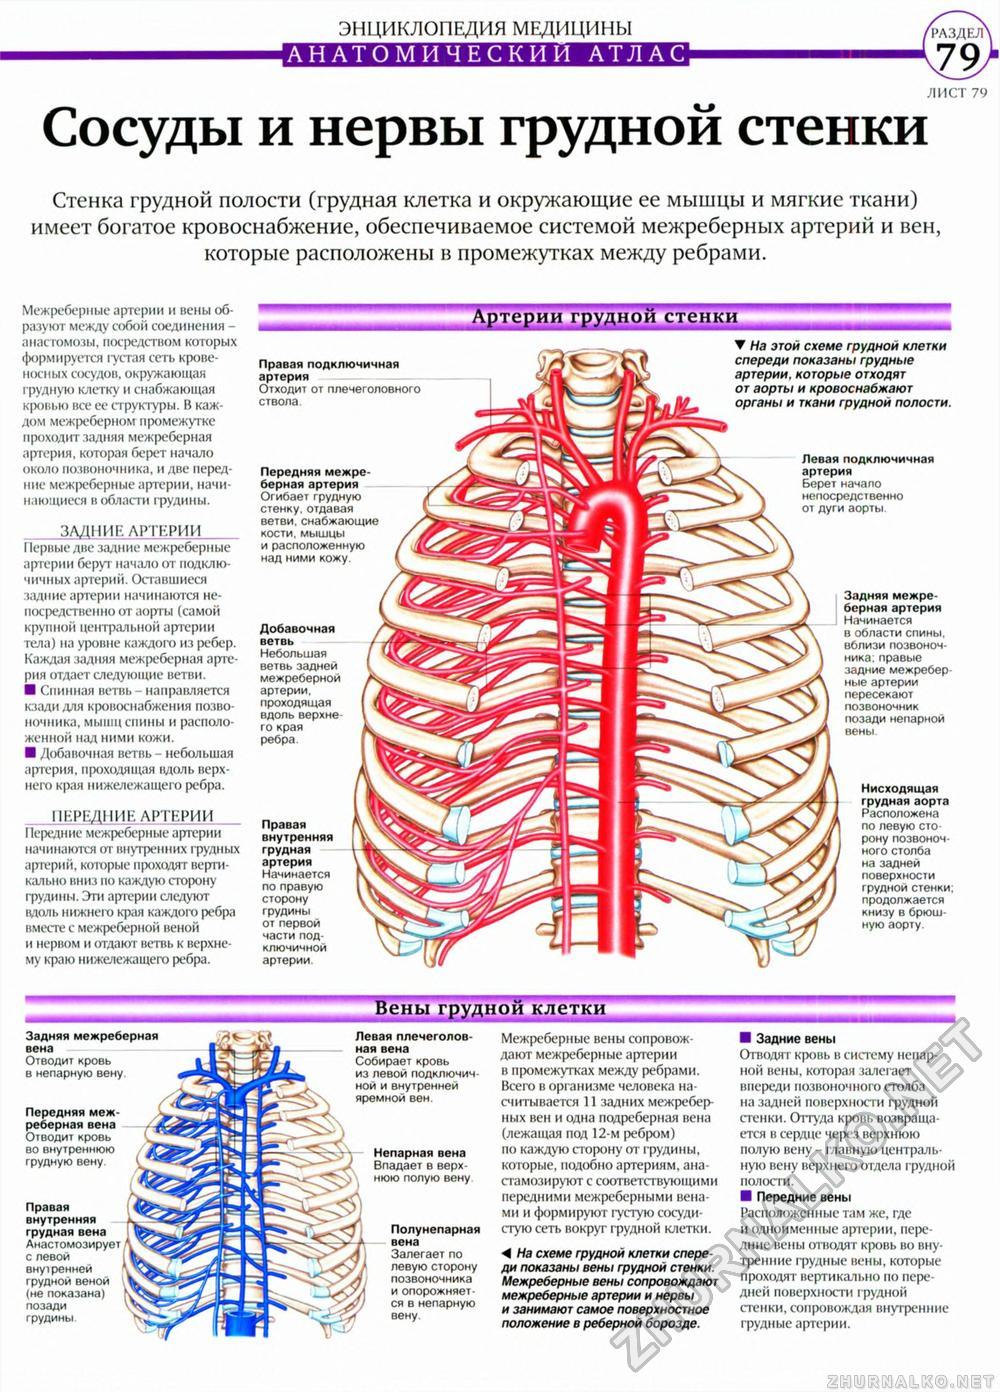 Тело Клетки